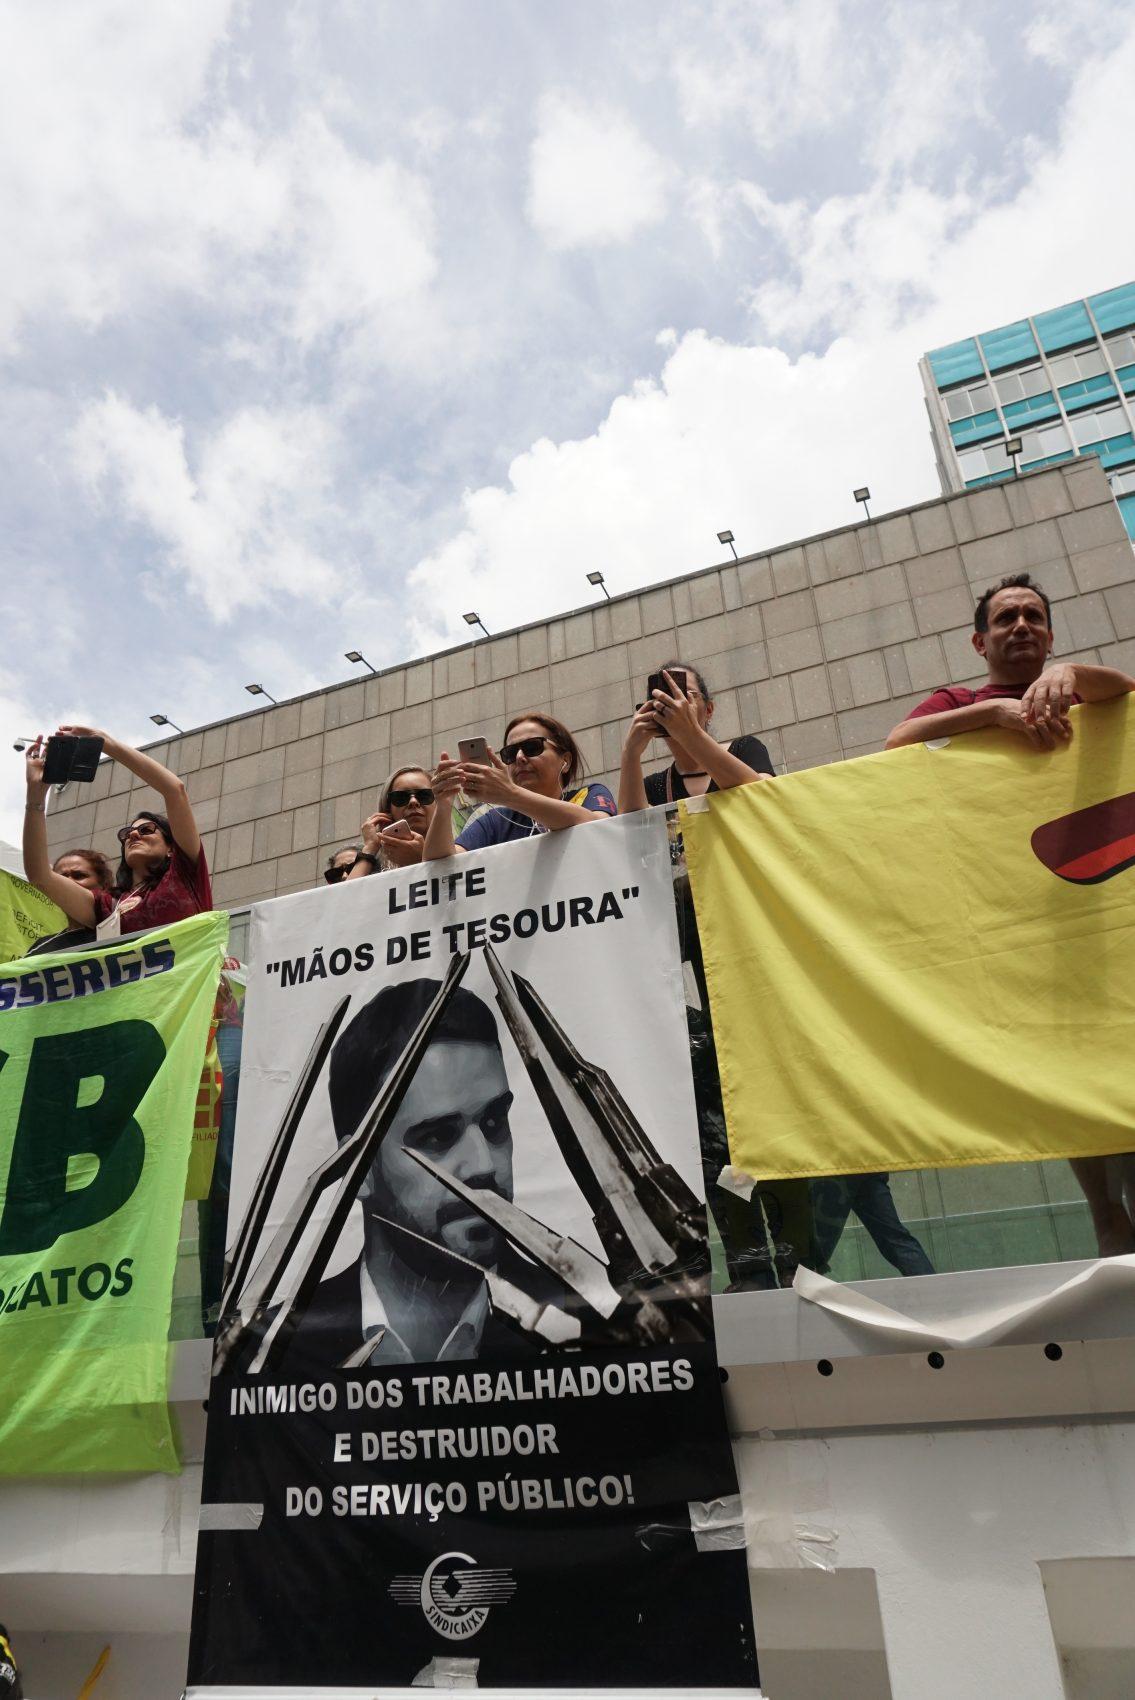 Assembleia unificada de servidores publicos mantém greve no rio grande do sul (24)